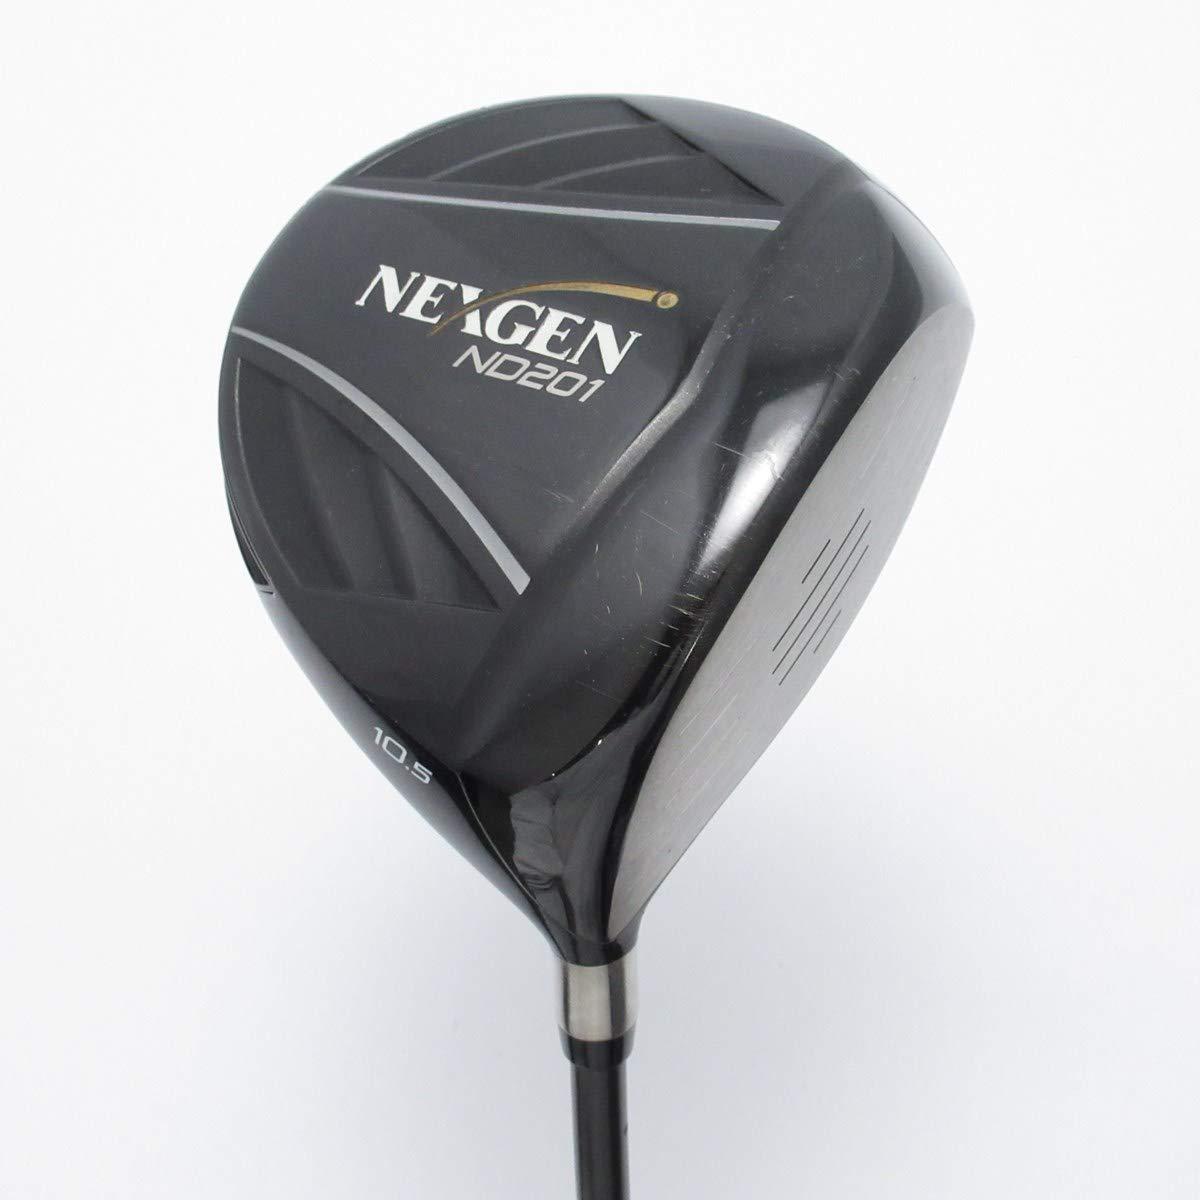 【中古】ゴルフパートナー Golf Partner NEXGEN ND201 ドライバー カーボンシャフト 判別不能  B07PCHN4XS